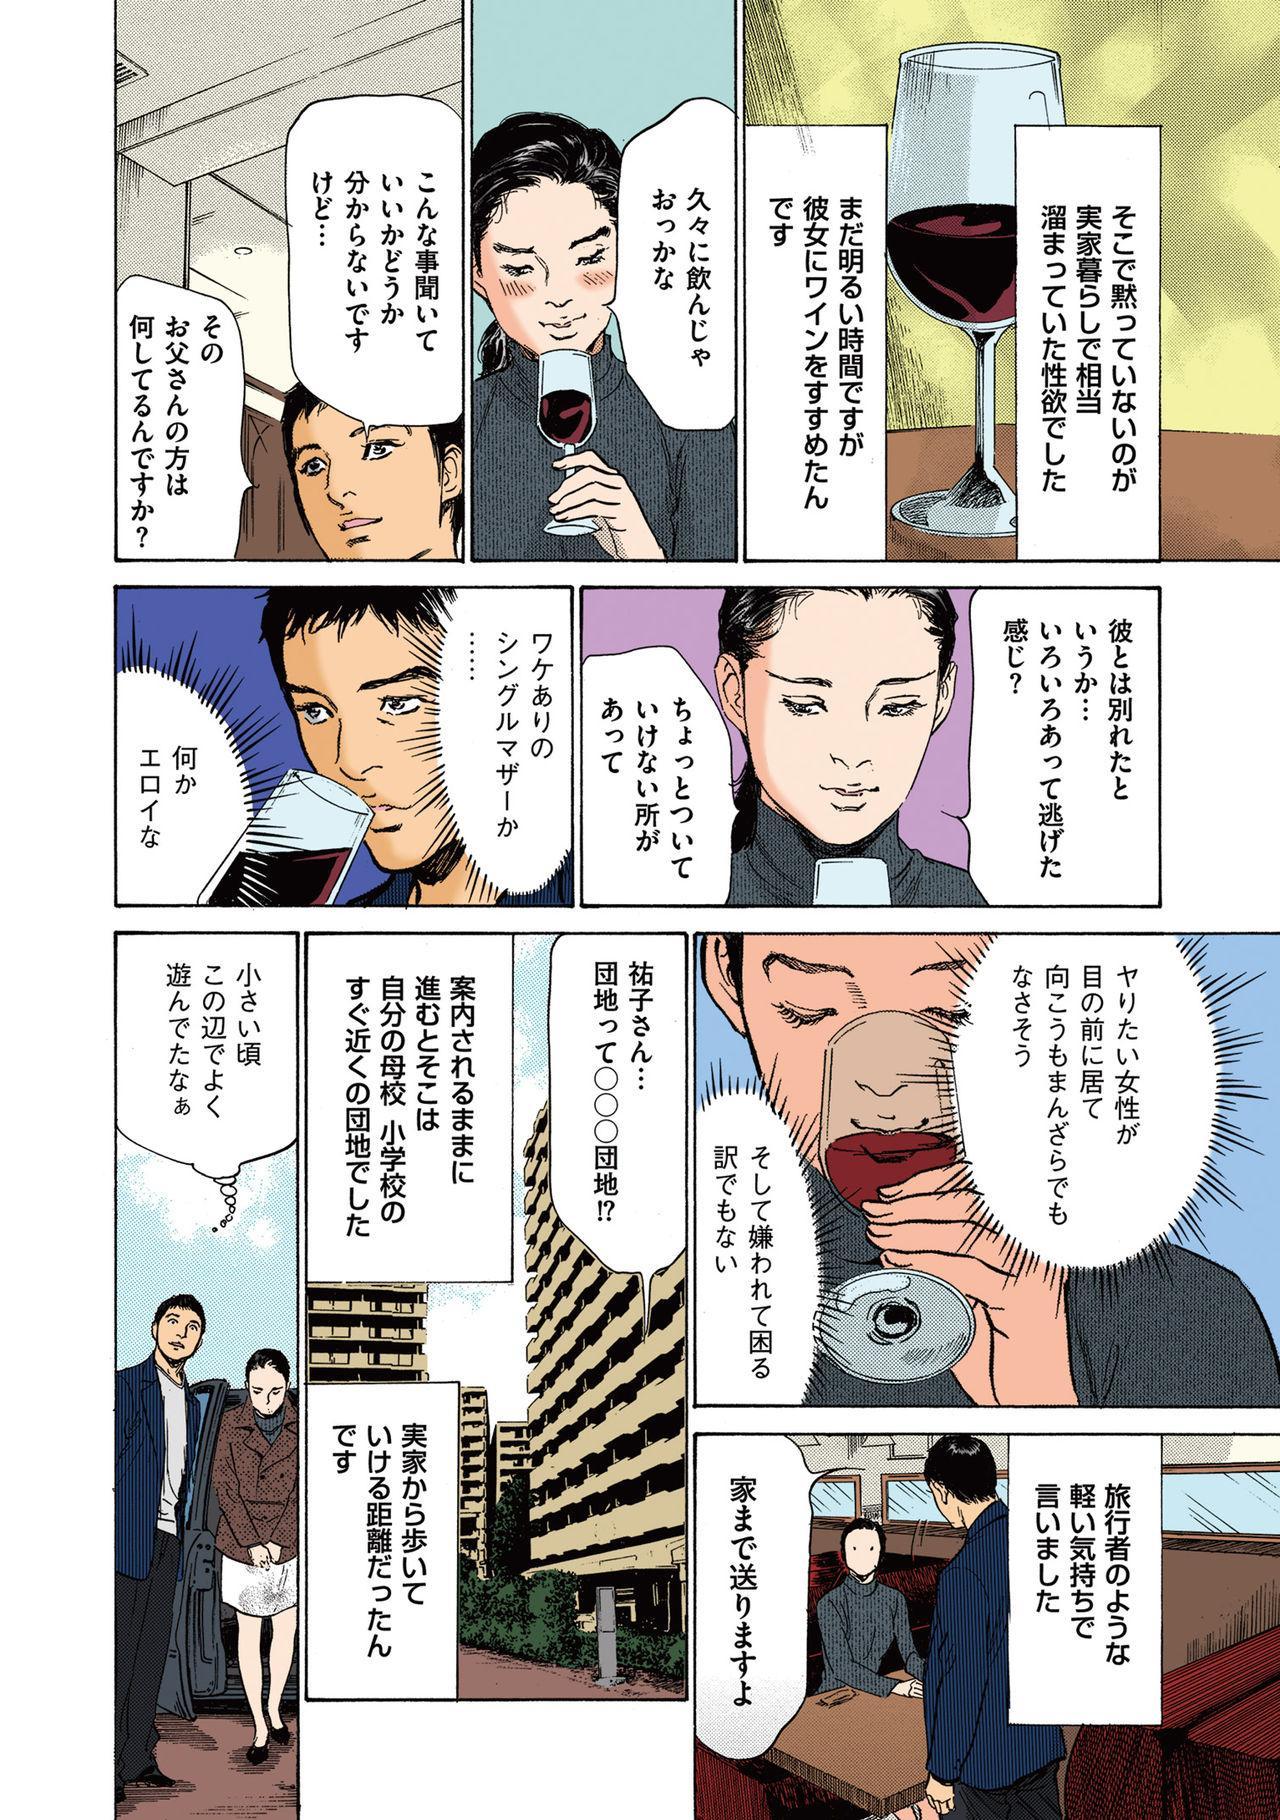 [Hazuki Kaoru] Hazuki Kaoru no Tamaranai Hanashi (Full Color Version) 2-1 9